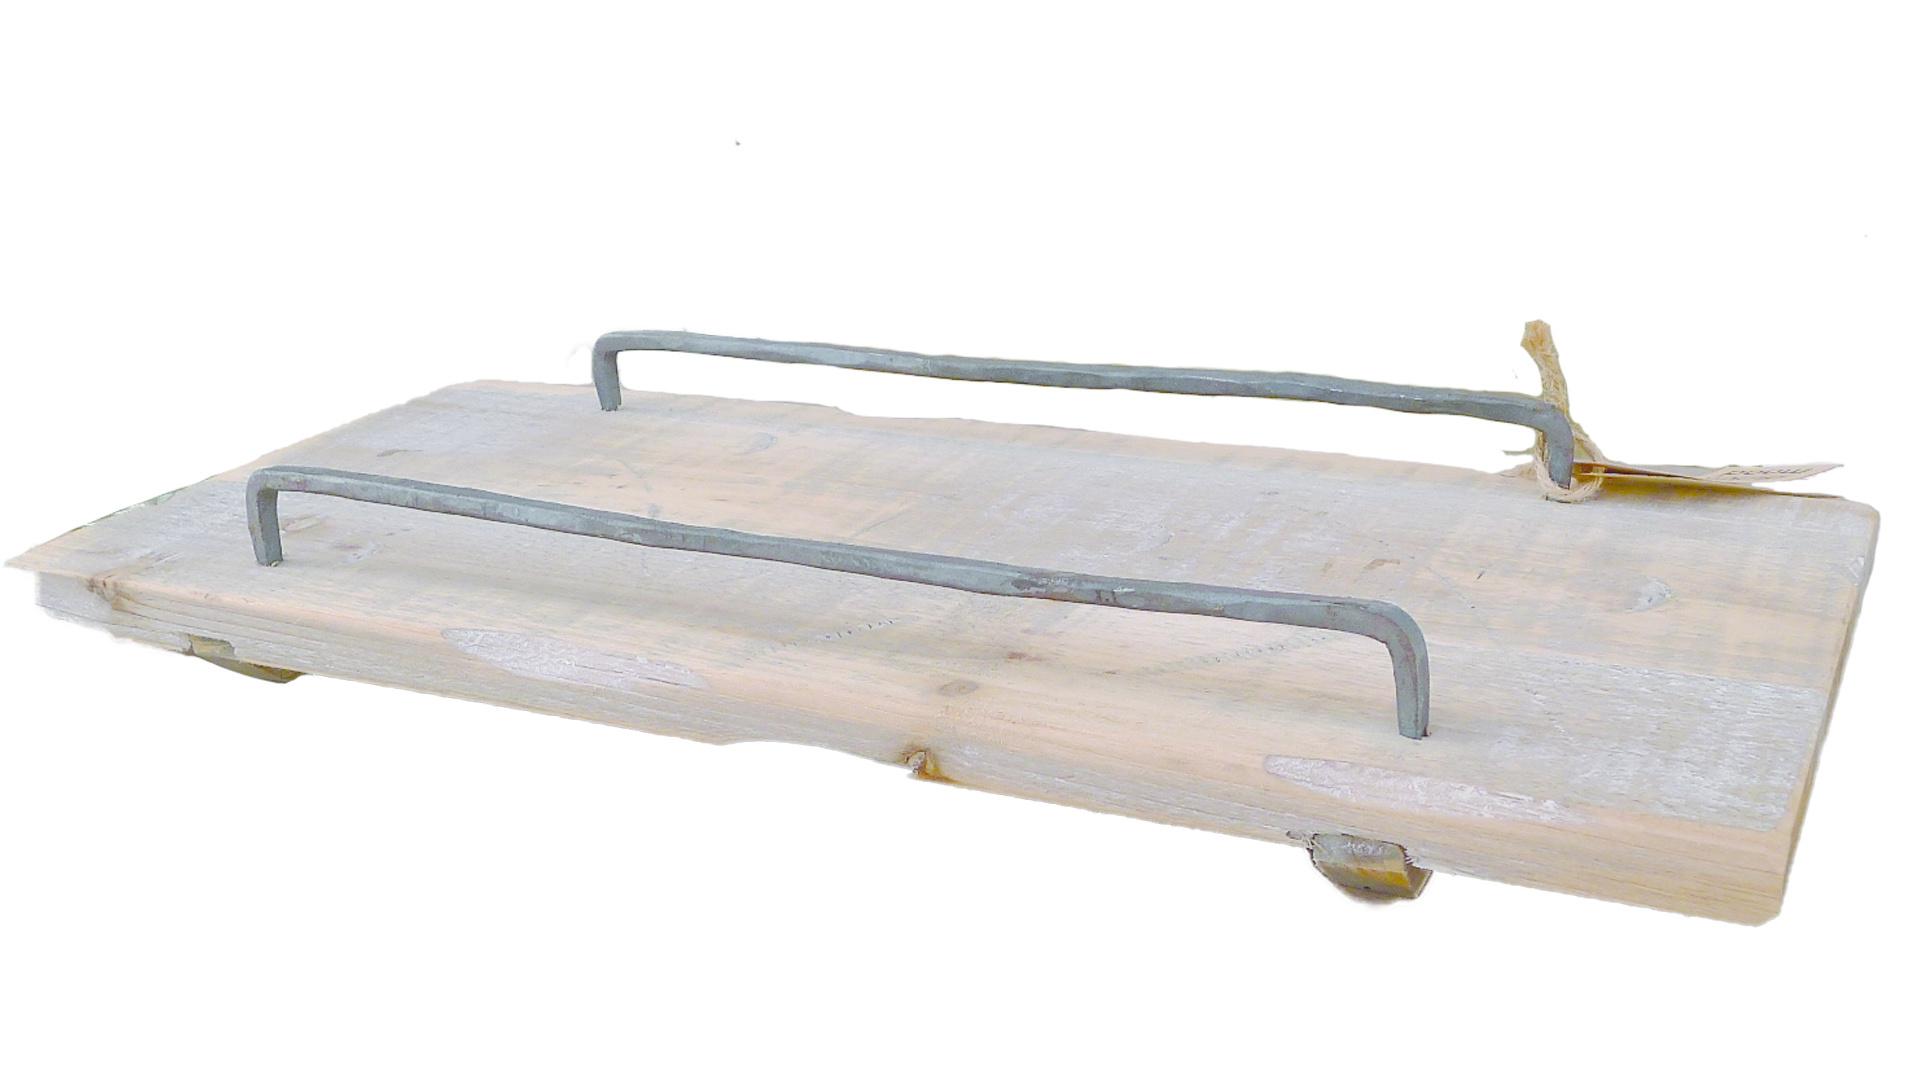 tray old dutchmet vert 48-1